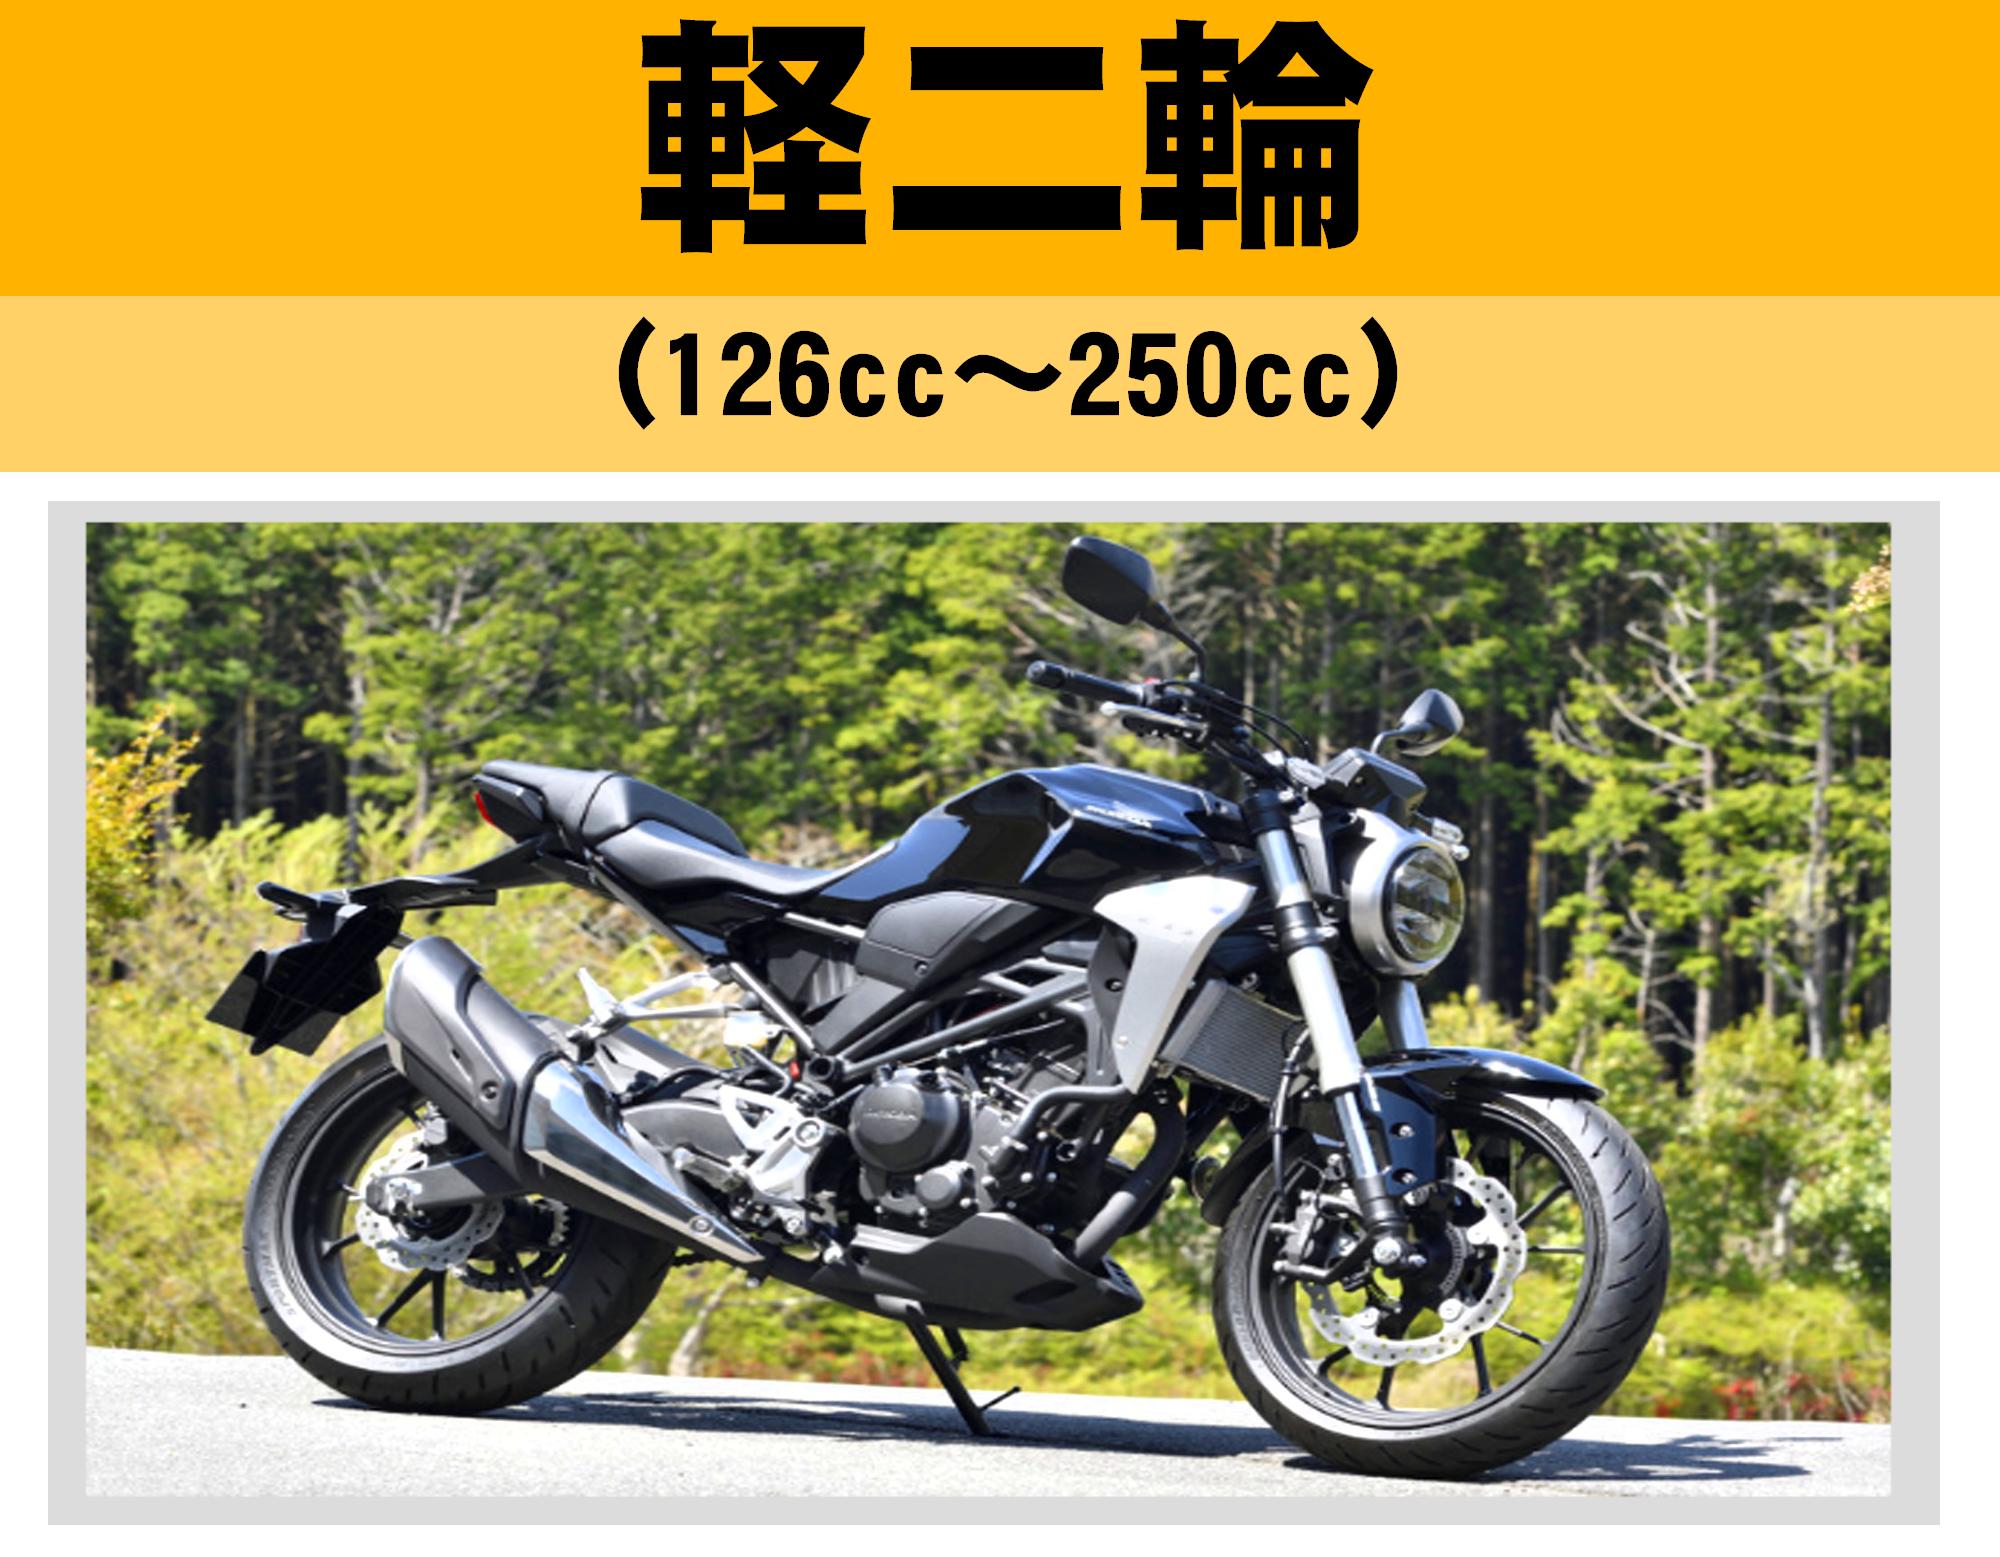 (2)軽二輪(126cc~250cc)の廃車手続き